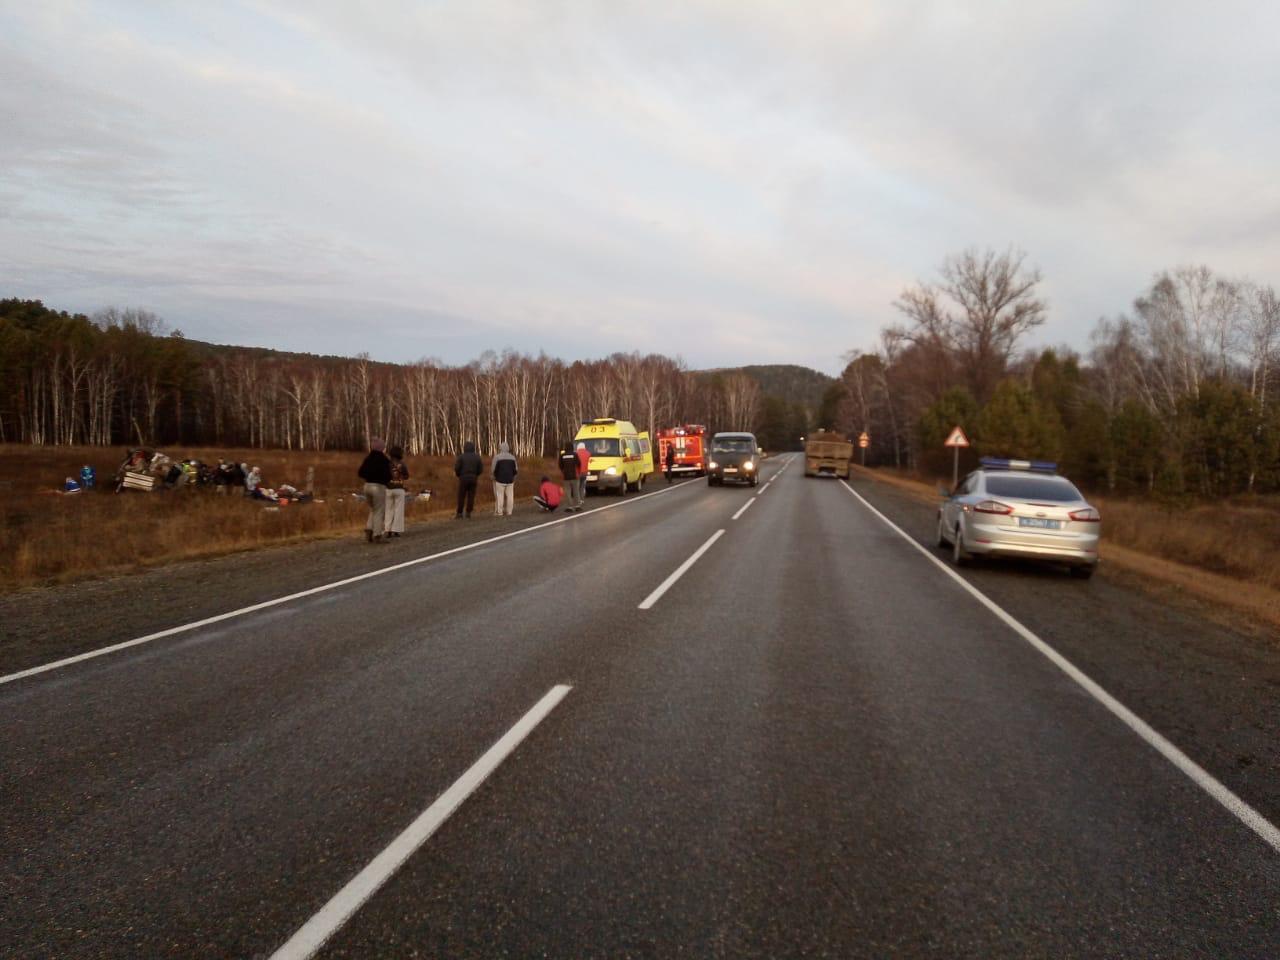 Семерых пассажиров и водителя доставили в местную больницу